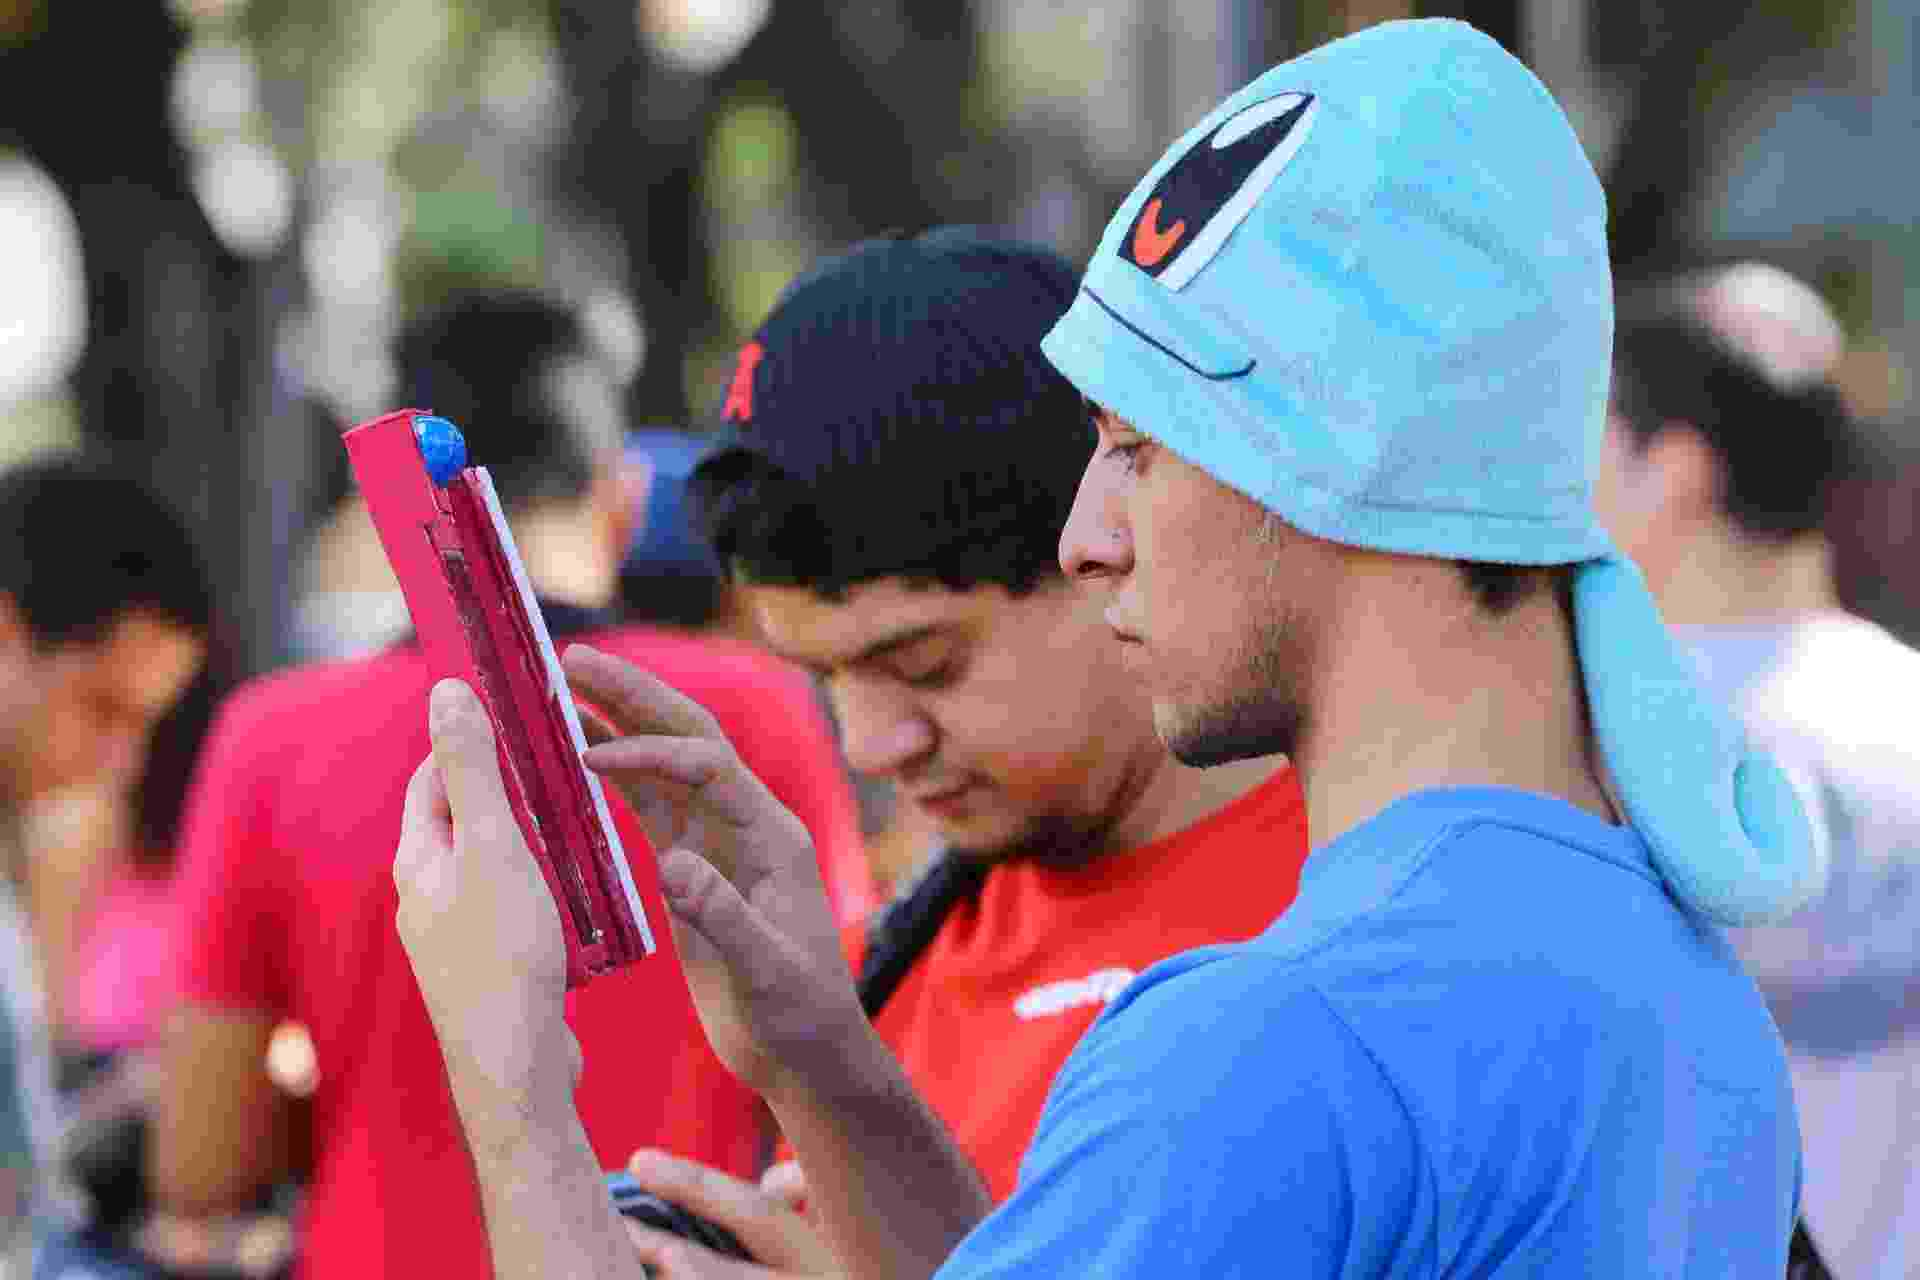 07.ago.2016 - Movimentação durante encontro de jogadores de Pokémon Go, na Praça Carlos Gomes, em Ribeirão Preto (SP), neste domingo - Renato Lopes RP/Futura Press/Estadão Conteúdo